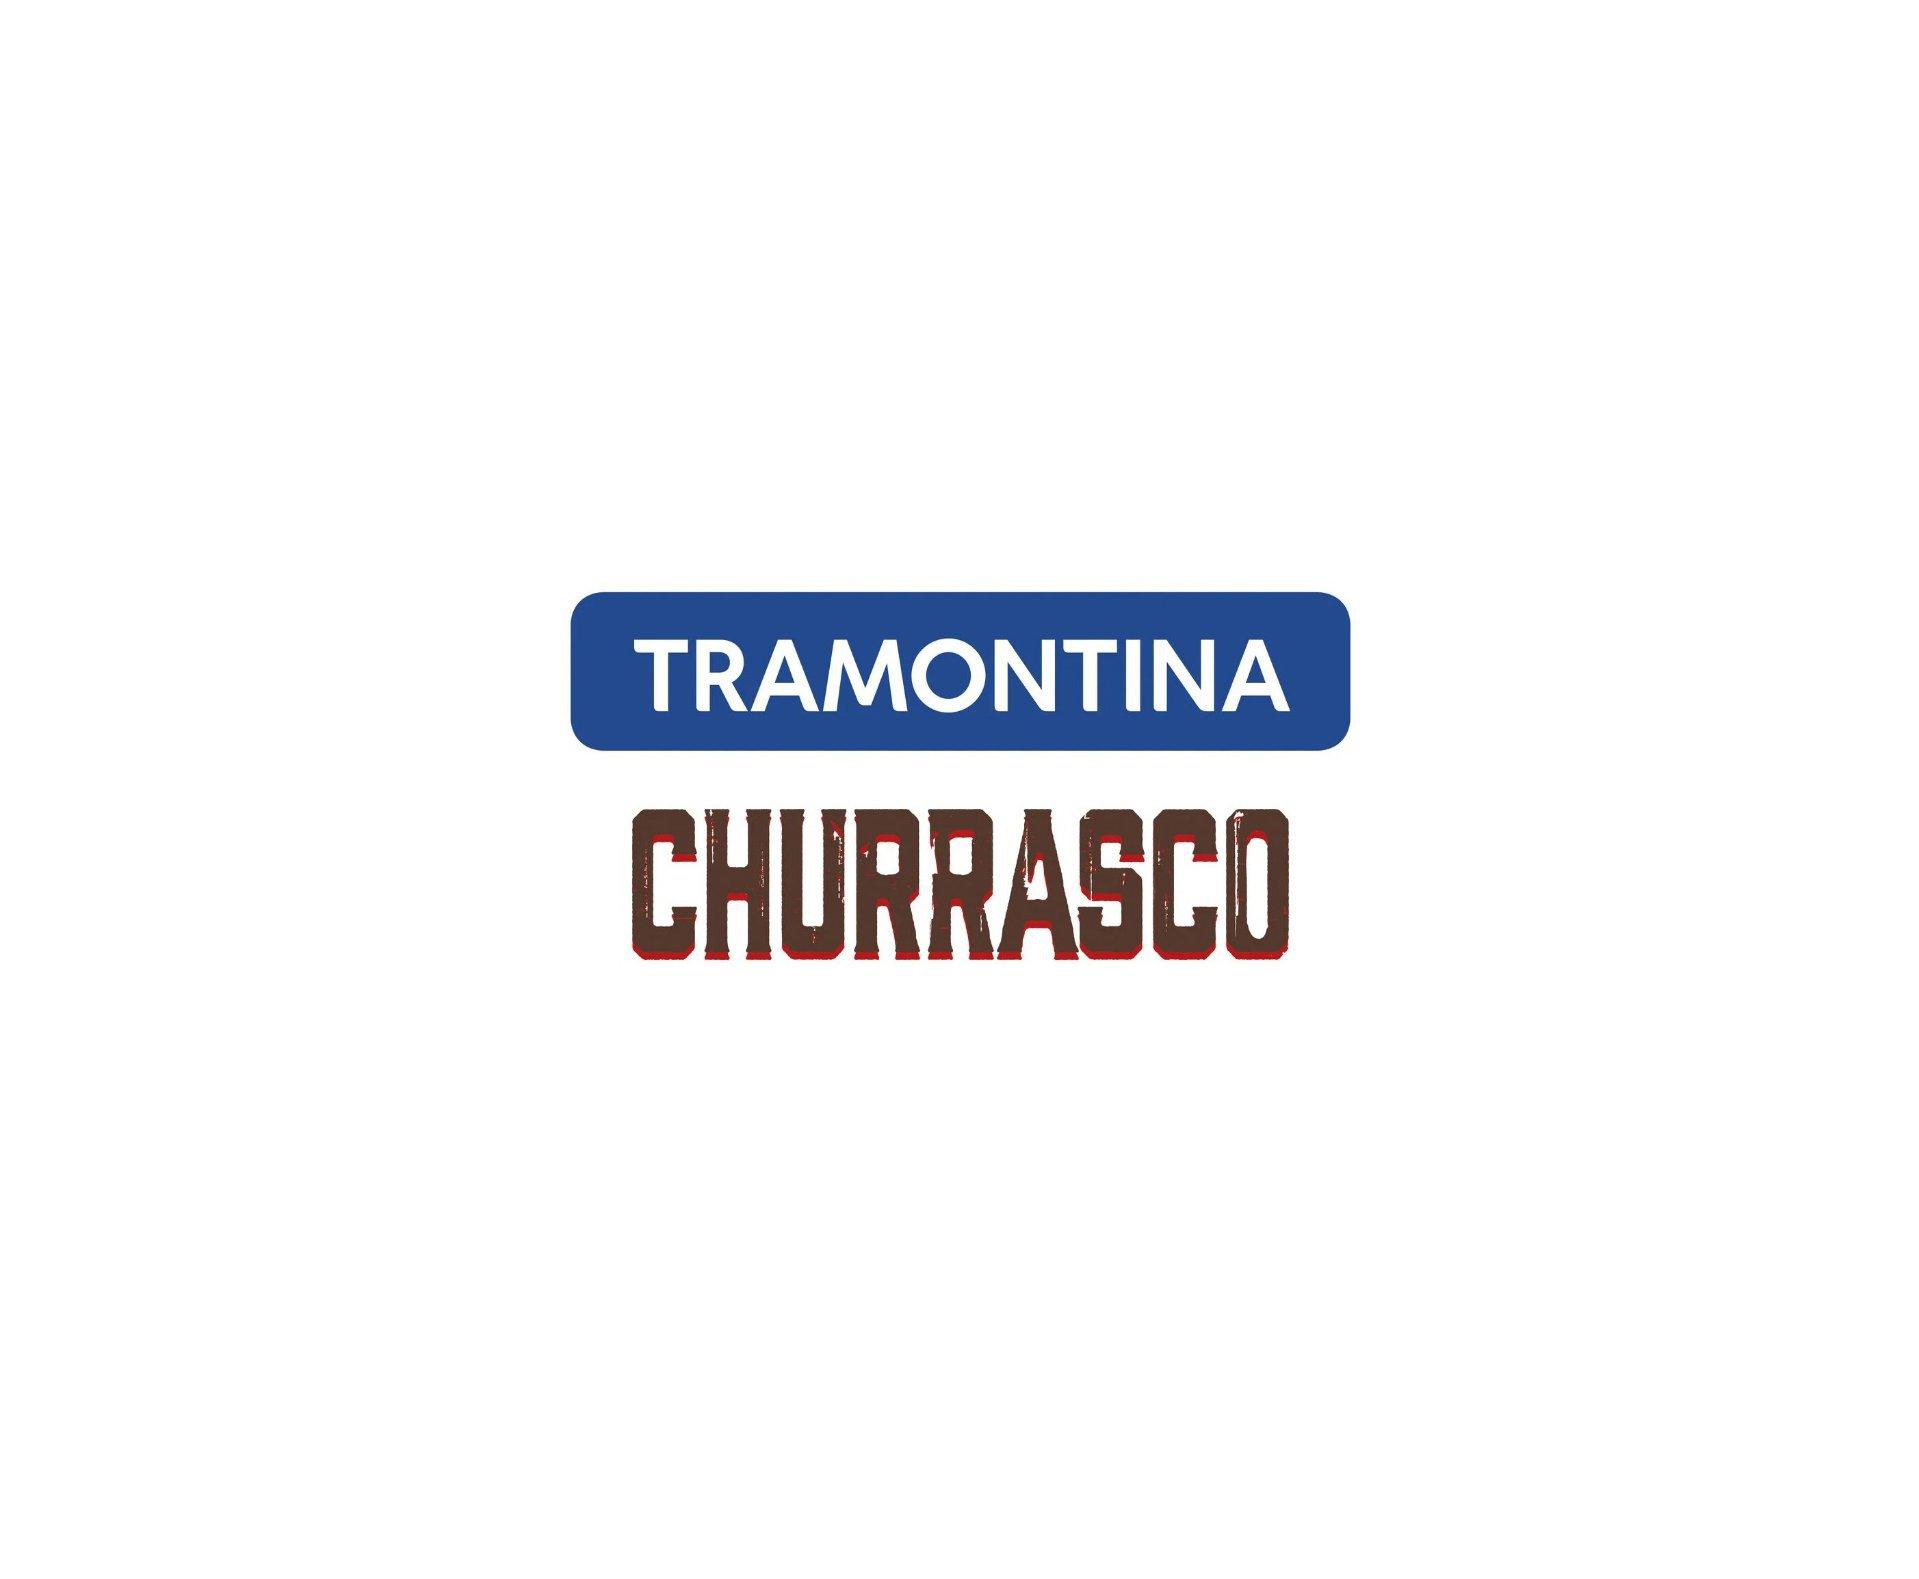 Kit P/ Churrasco 3 Pçs Sortidos com Laminas de Aço Inox e Cabos de Mad. - Tramontina